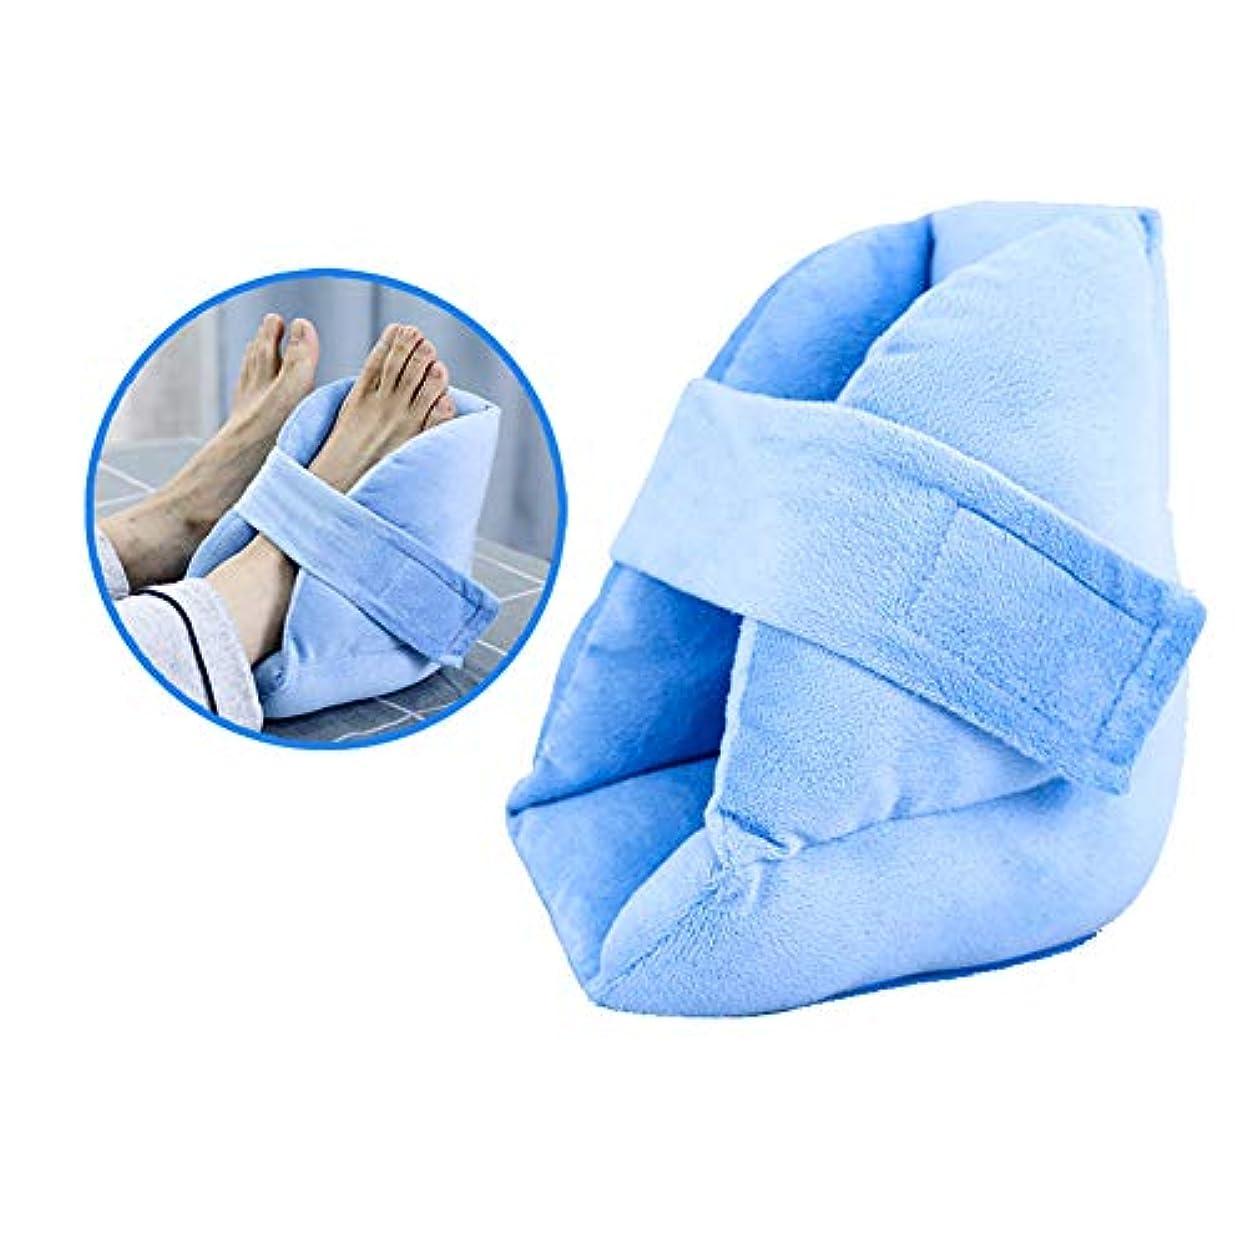 ジョブ不正追跡かかとの枕、かかとのクッションプロテクターの枕、腫れた足のための傷や潰瘍からの圧力を和らげ、癒しを促進